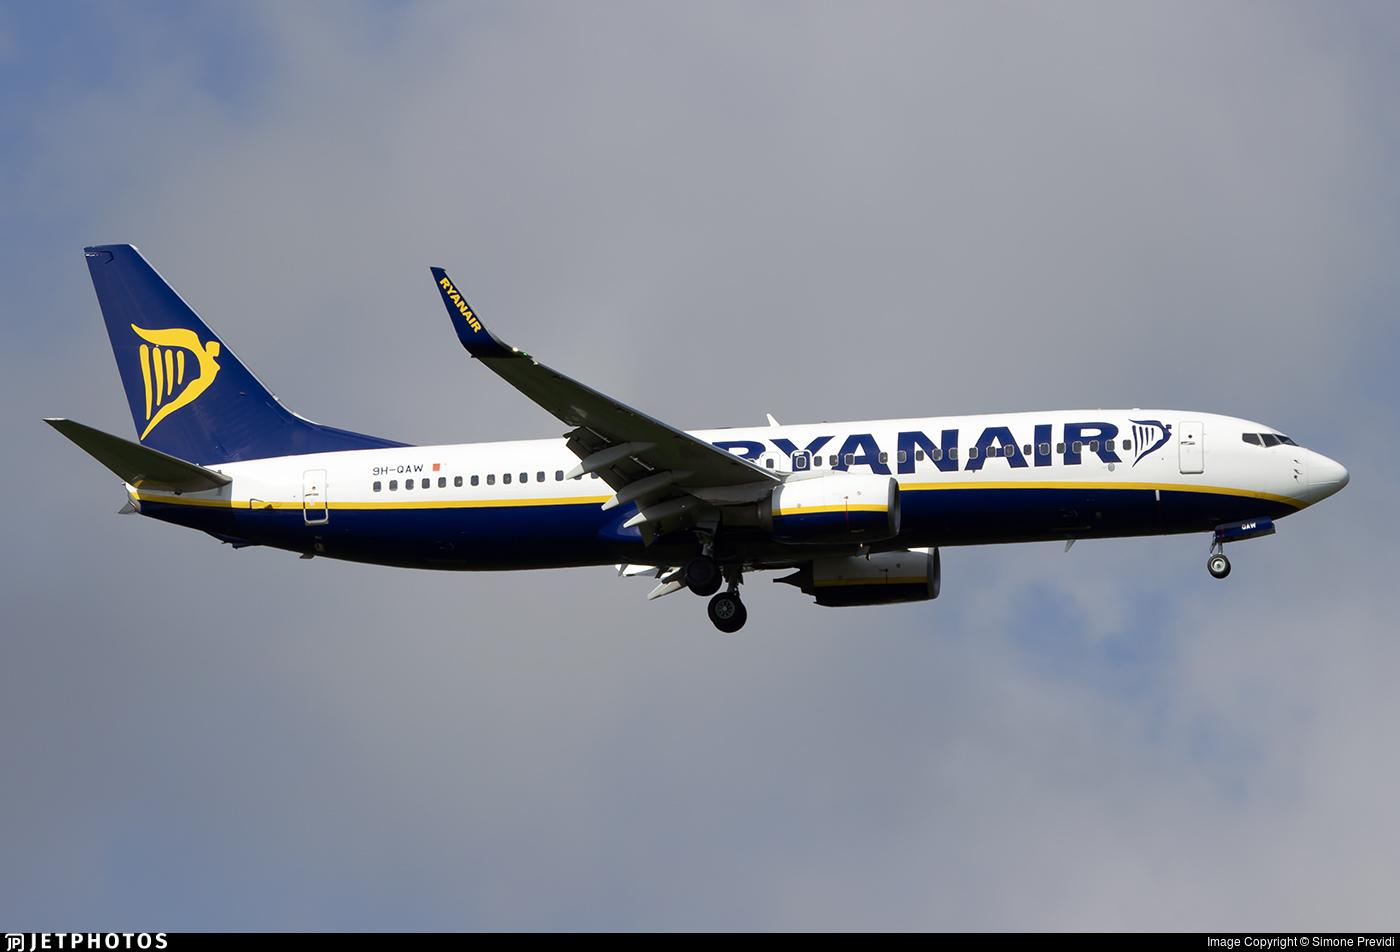 9H-QAW - Boeing 737-8AS - Ryanair (Malta Air)